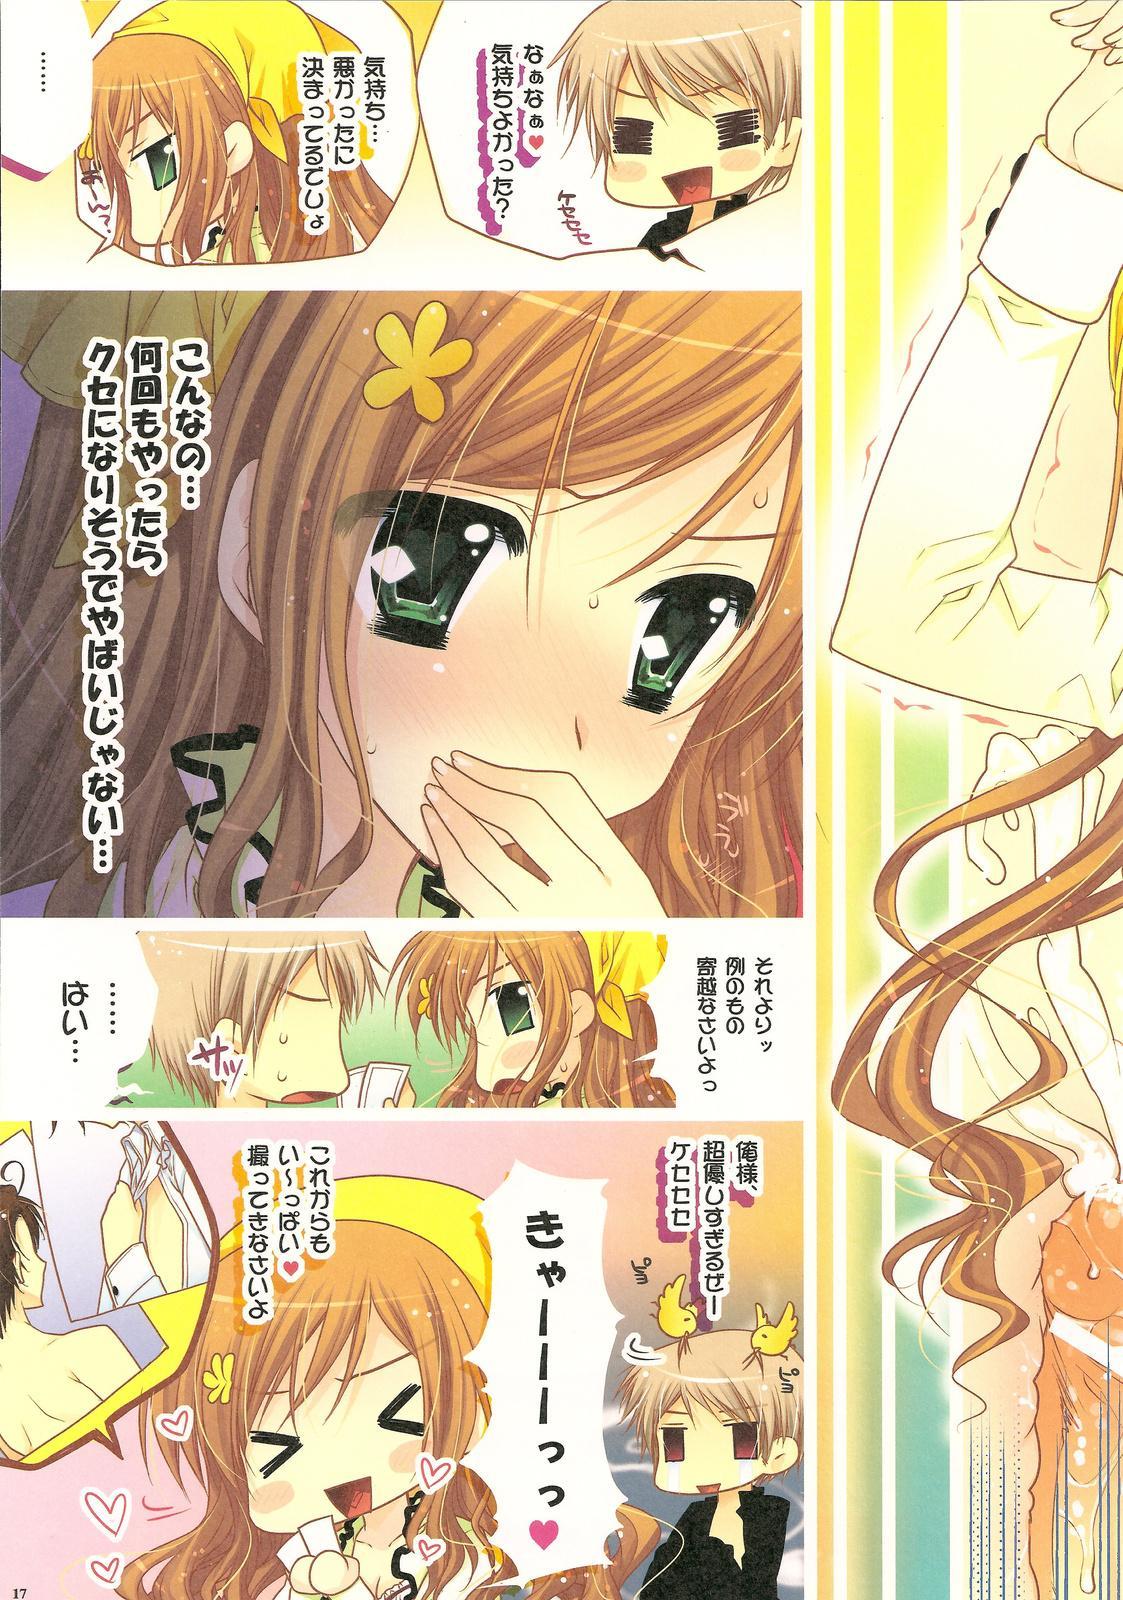 Aishisugiru to Kowarechauno 16